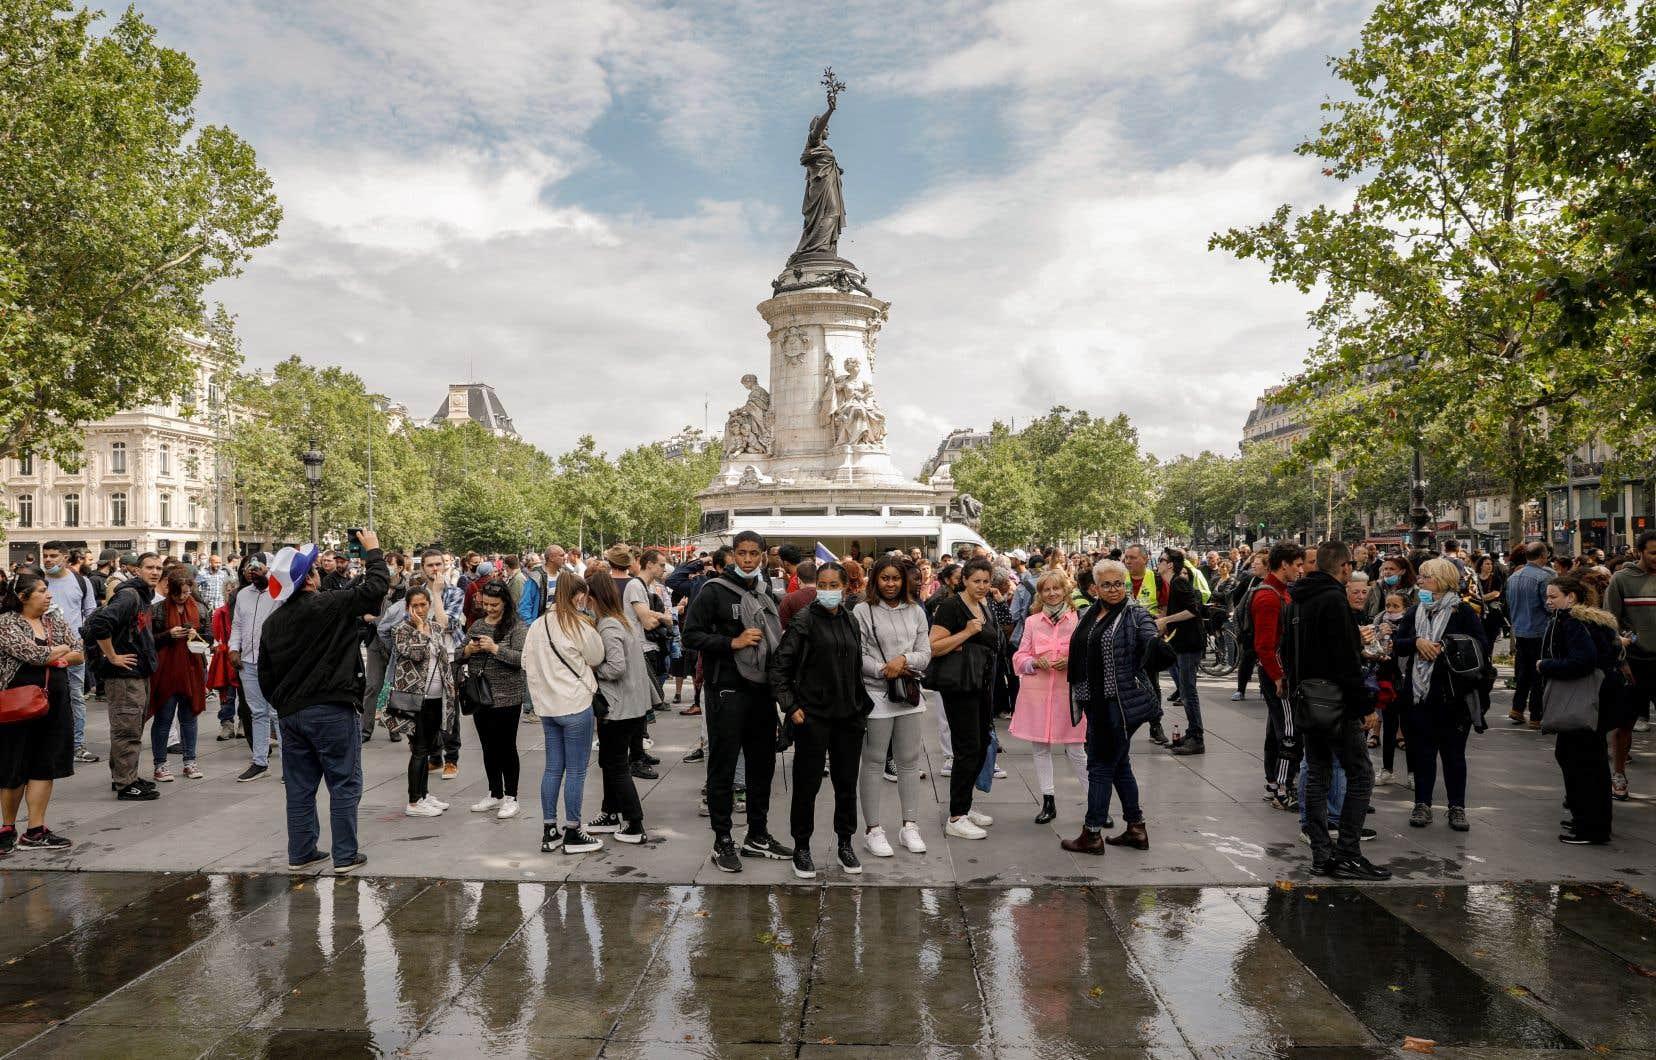 En France, le nombre de nouveaux cas a grimpé à 18999 sur 24heures, une hausse «jamais vue».